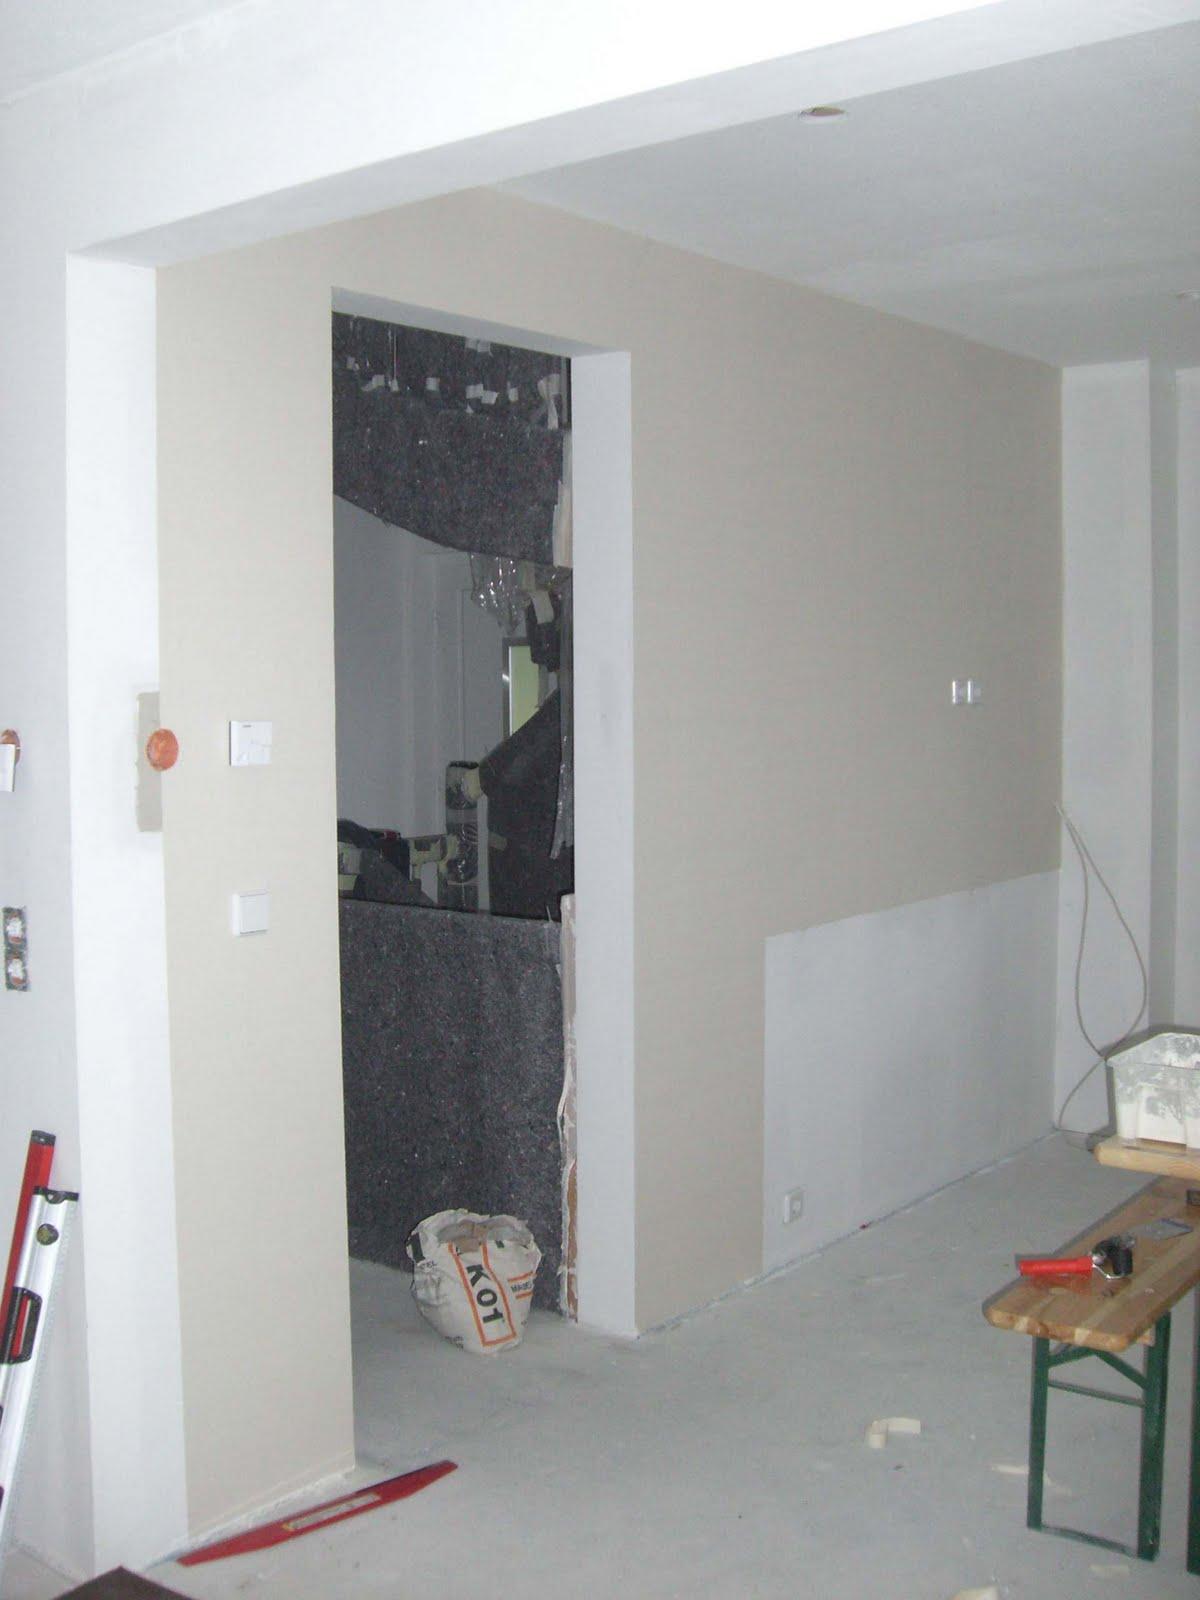 christian susi bauen ein haus mit danwood ich seh nur noch tapeten kleister b rste und. Black Bedroom Furniture Sets. Home Design Ideas